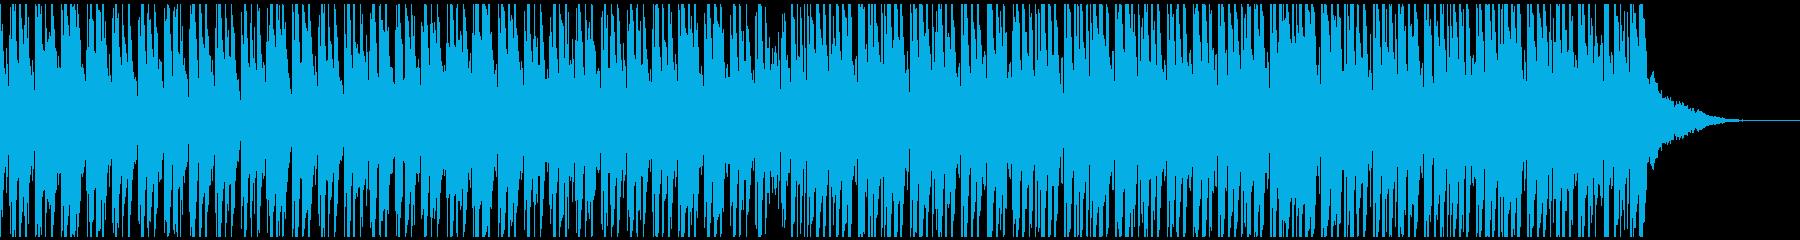 サマーファン(ミディアム)の再生済みの波形